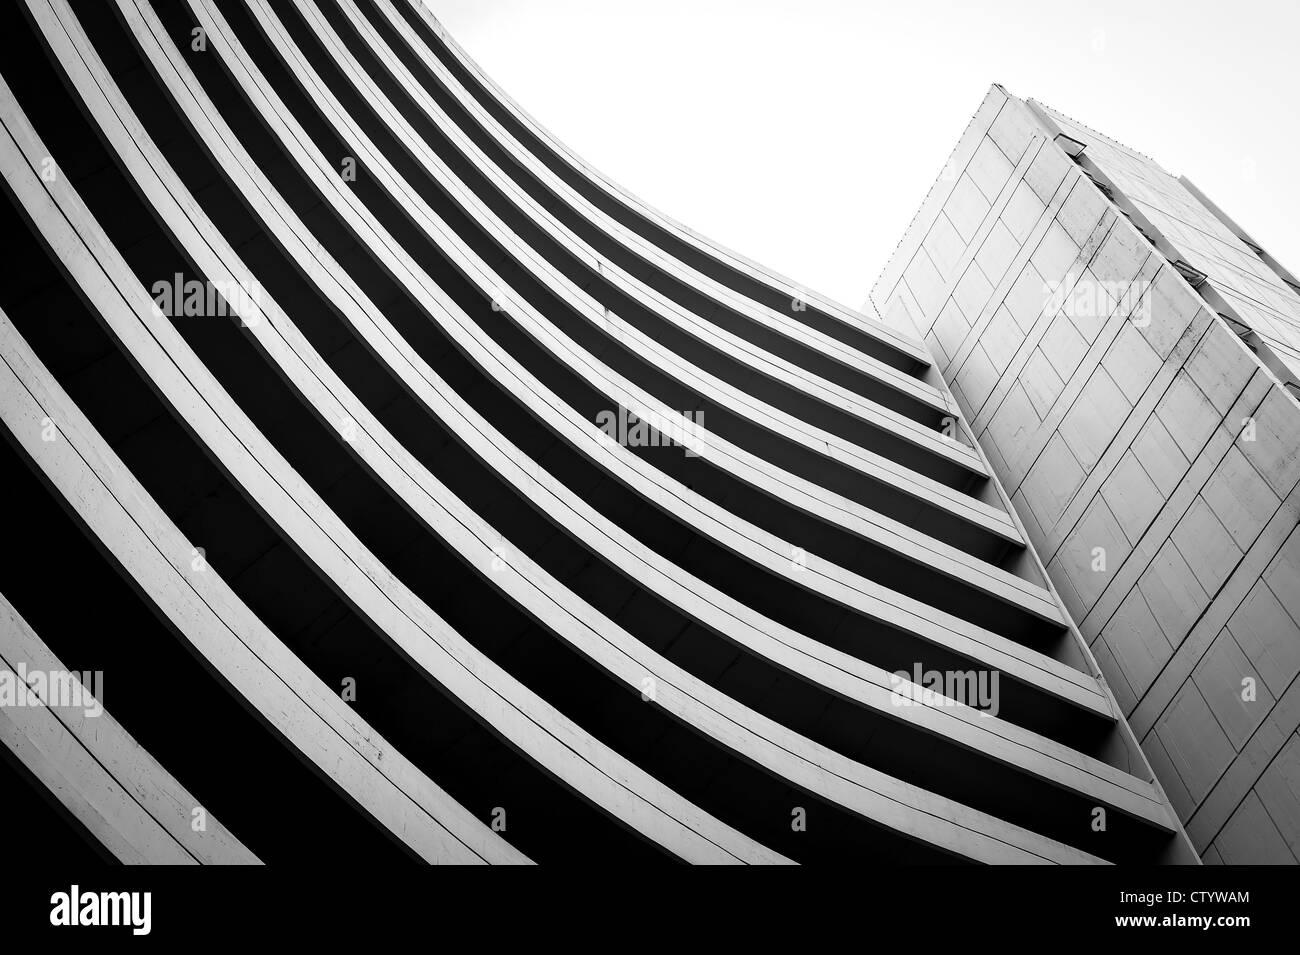 Edificio antiguo en blanco y negro de forma curva Imagen De Stock